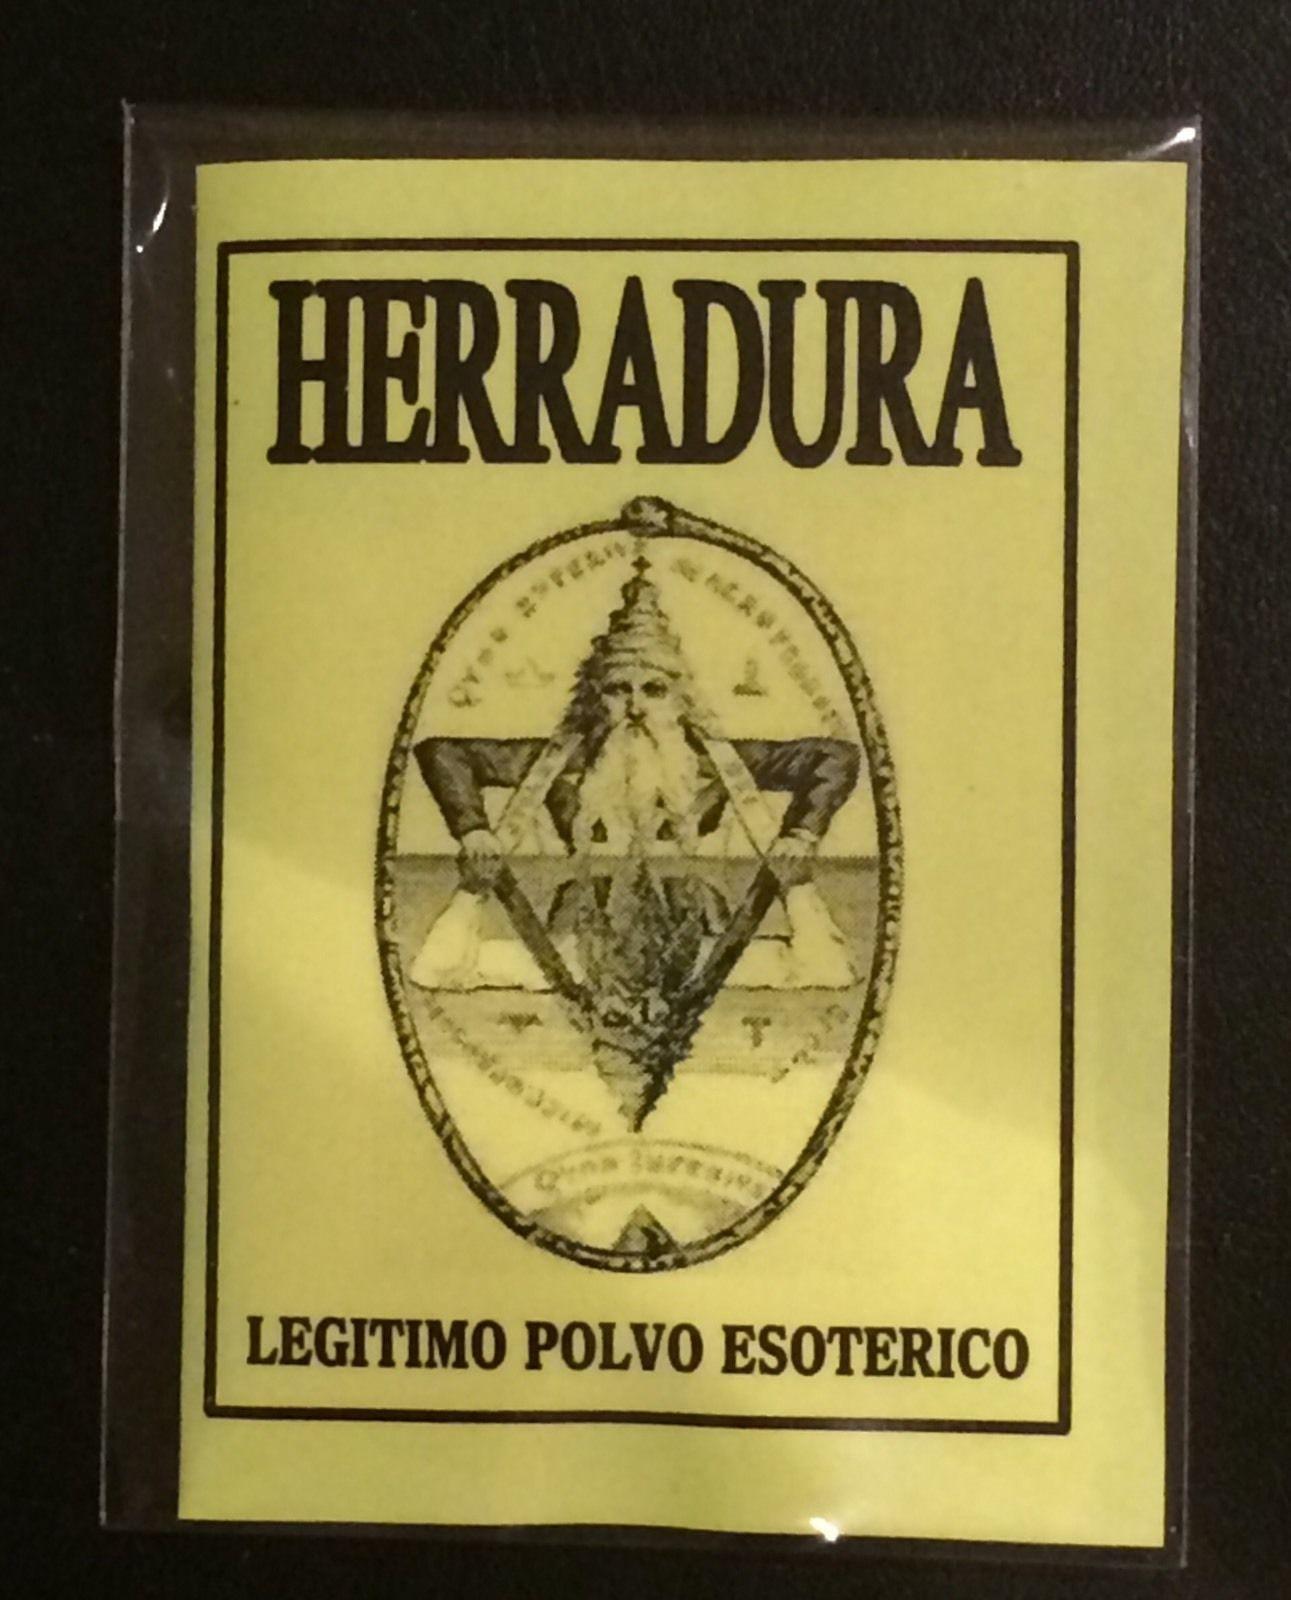 LEGITIMO POLVO ESOTERICO HERRADURA